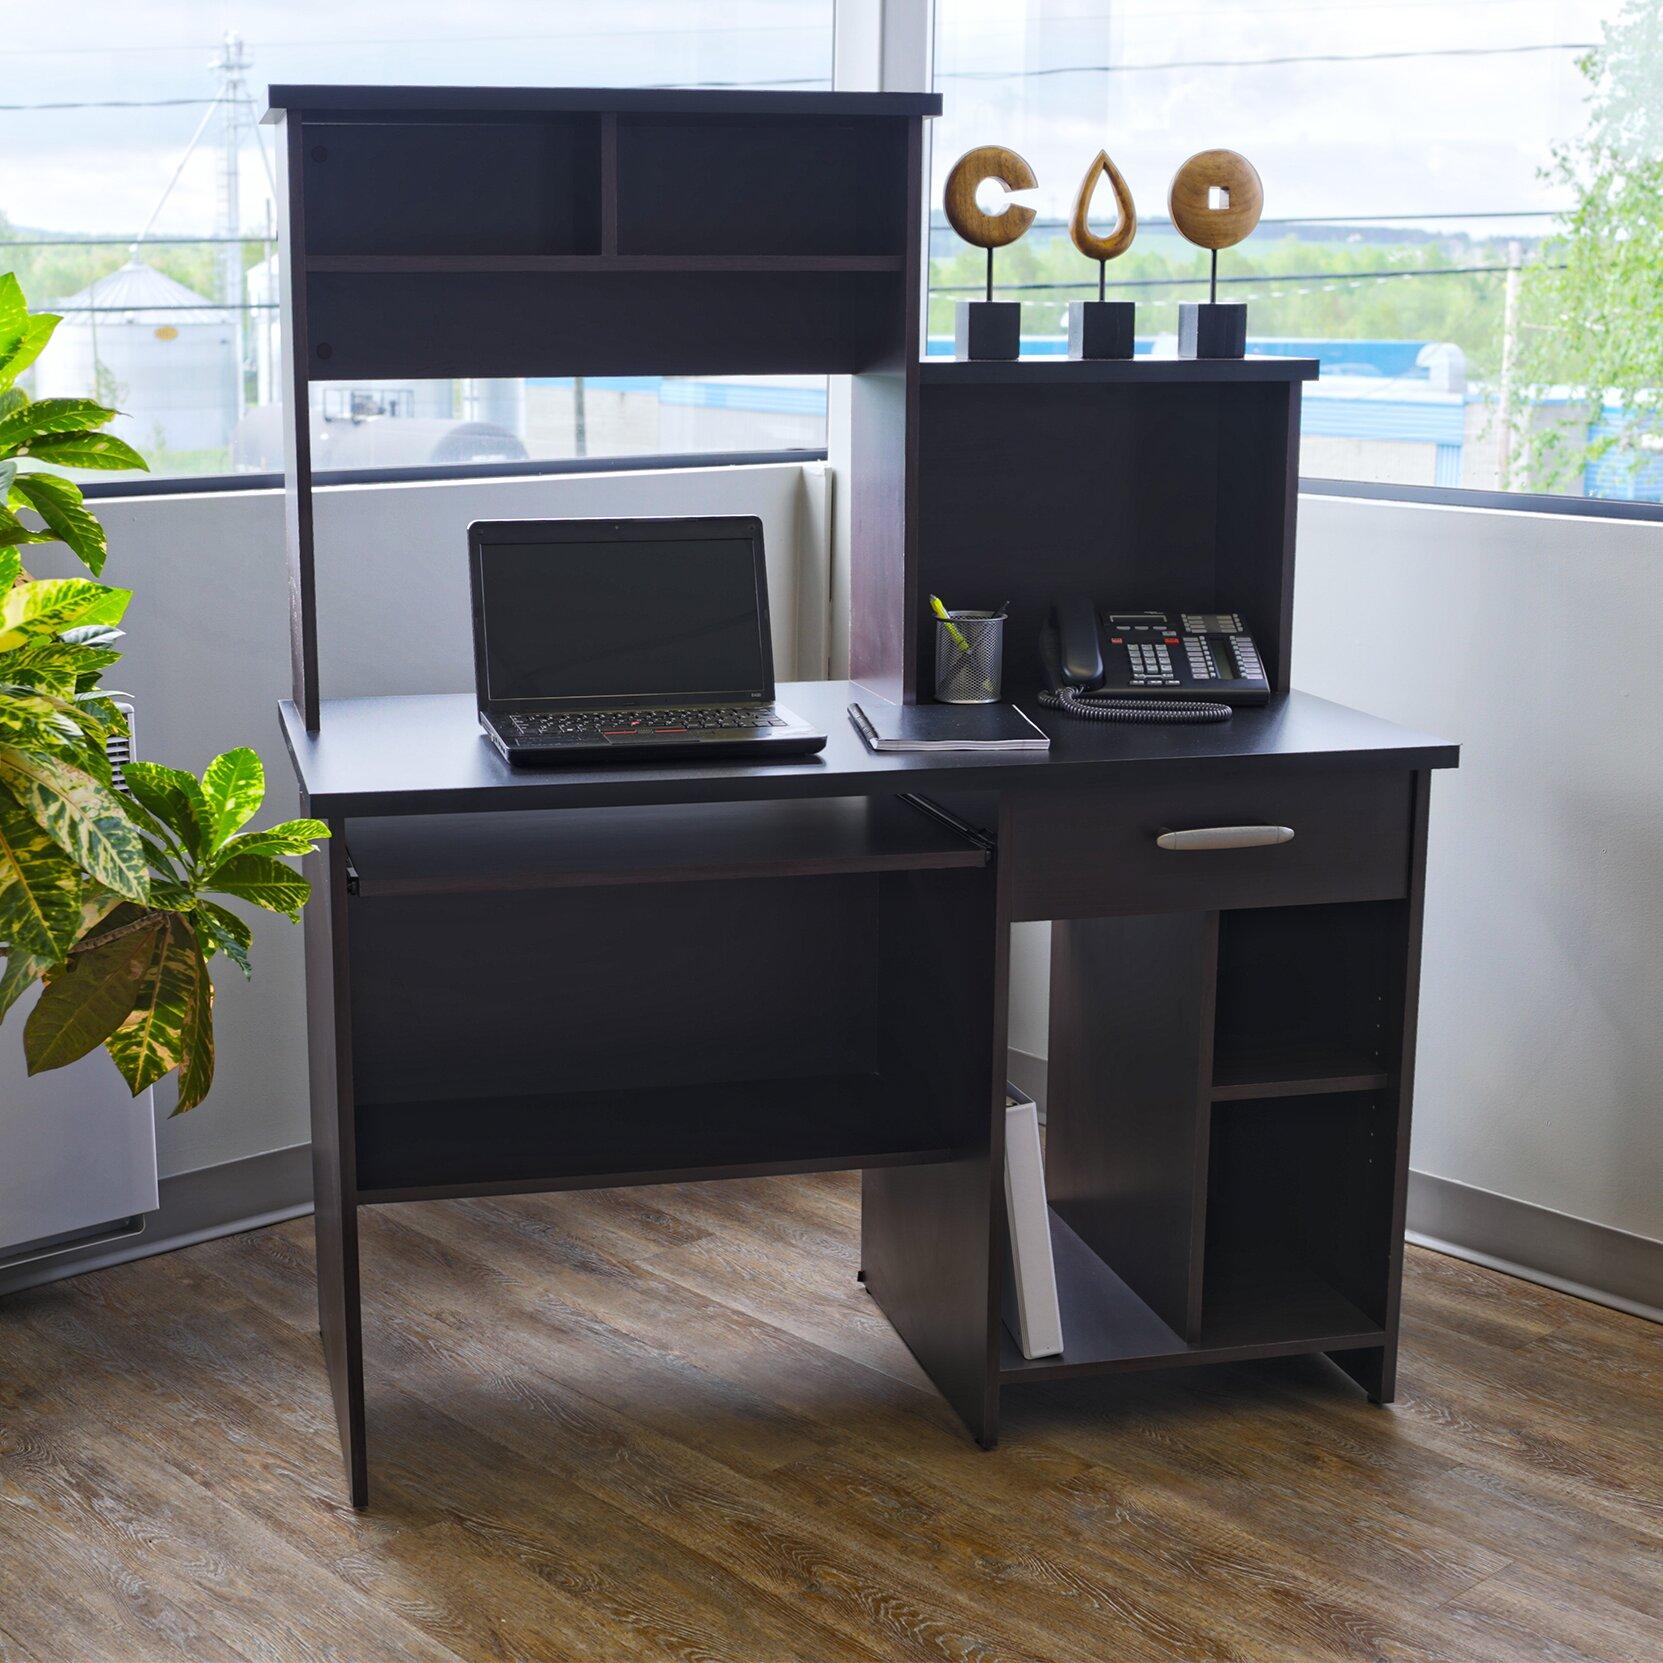 Bookcase Computer Desk: Red Barrel Studio Cushman Computer Desk With Bookcase In